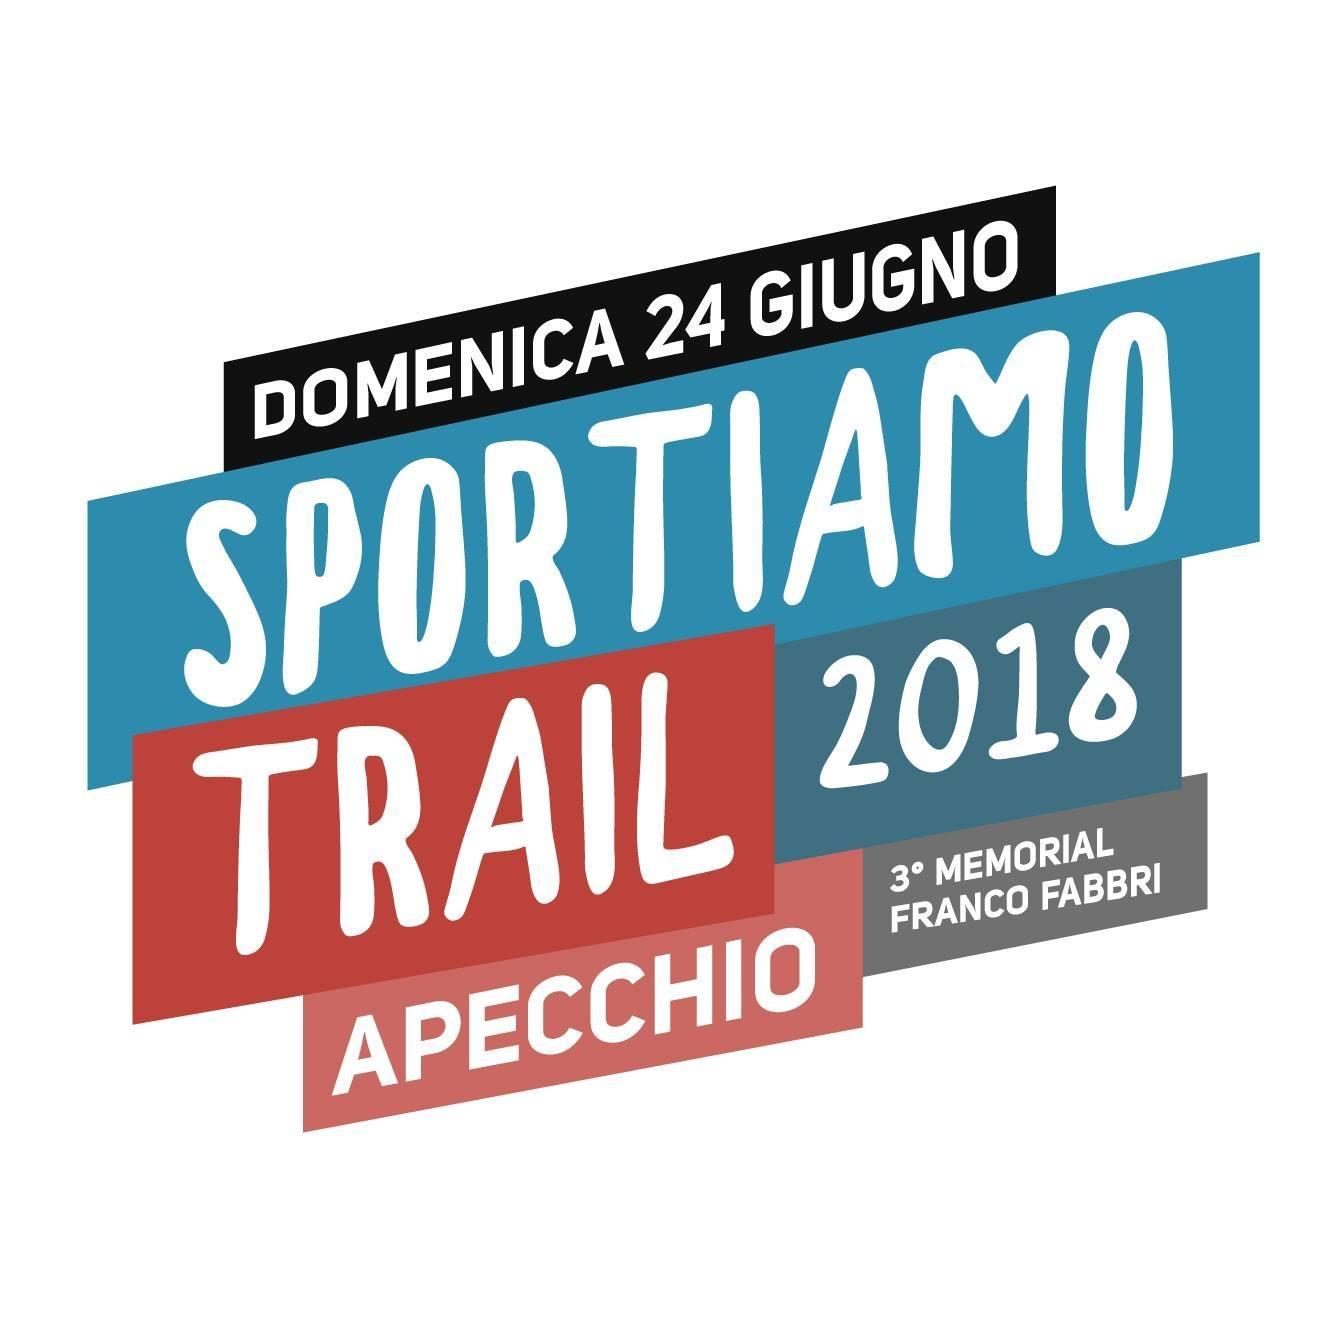 sportiamotrail2018